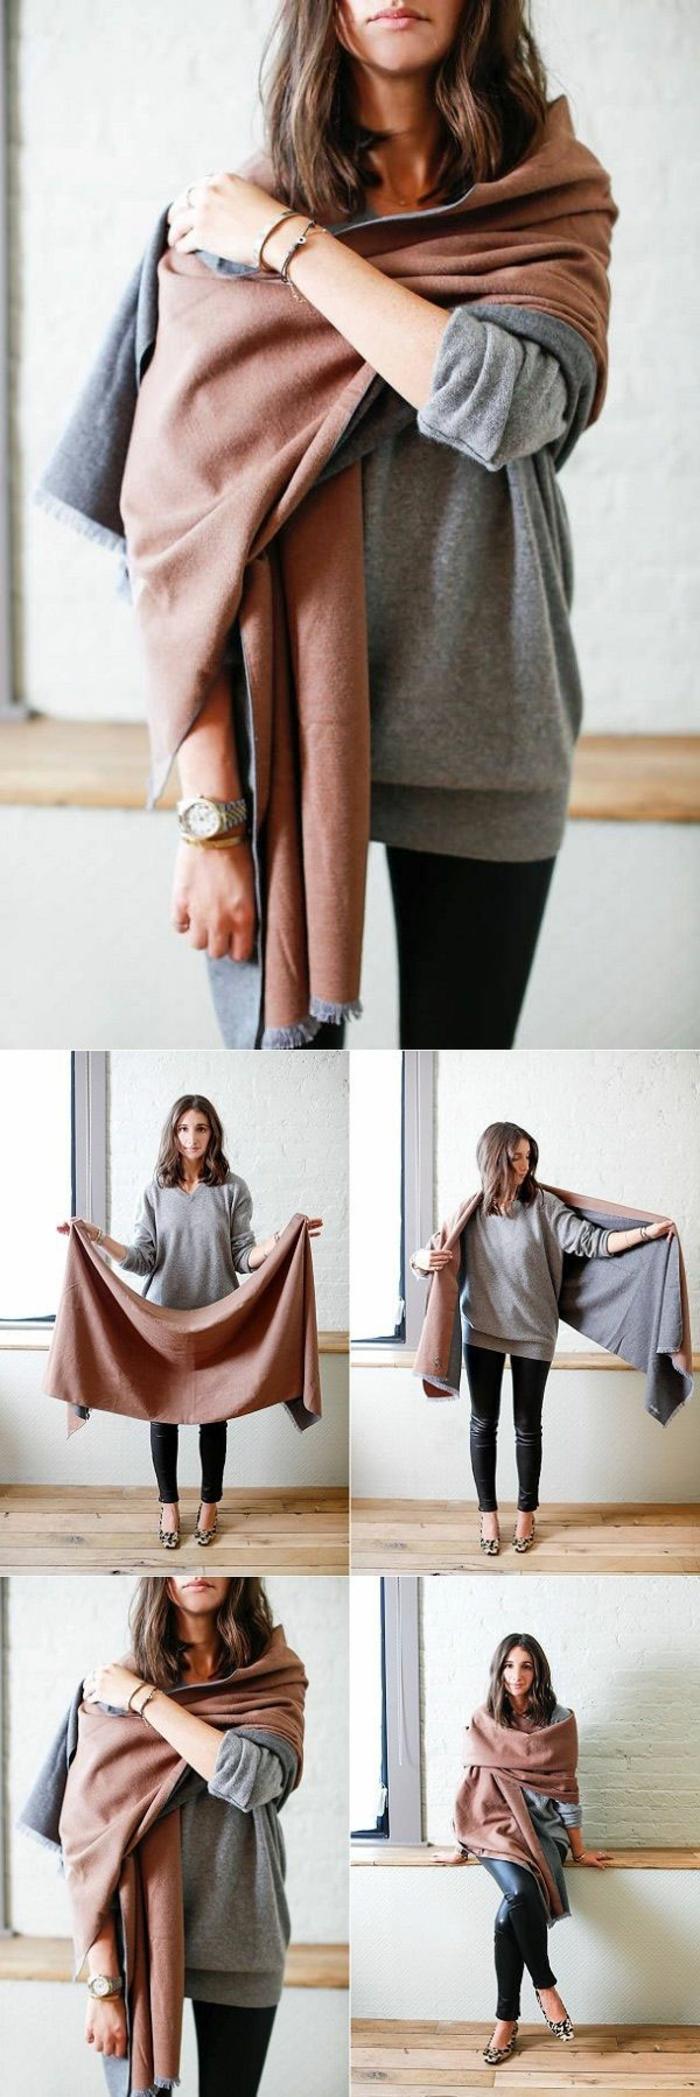 b641034869f Écharpe femme   techniques comment porter cet accessoire avec style